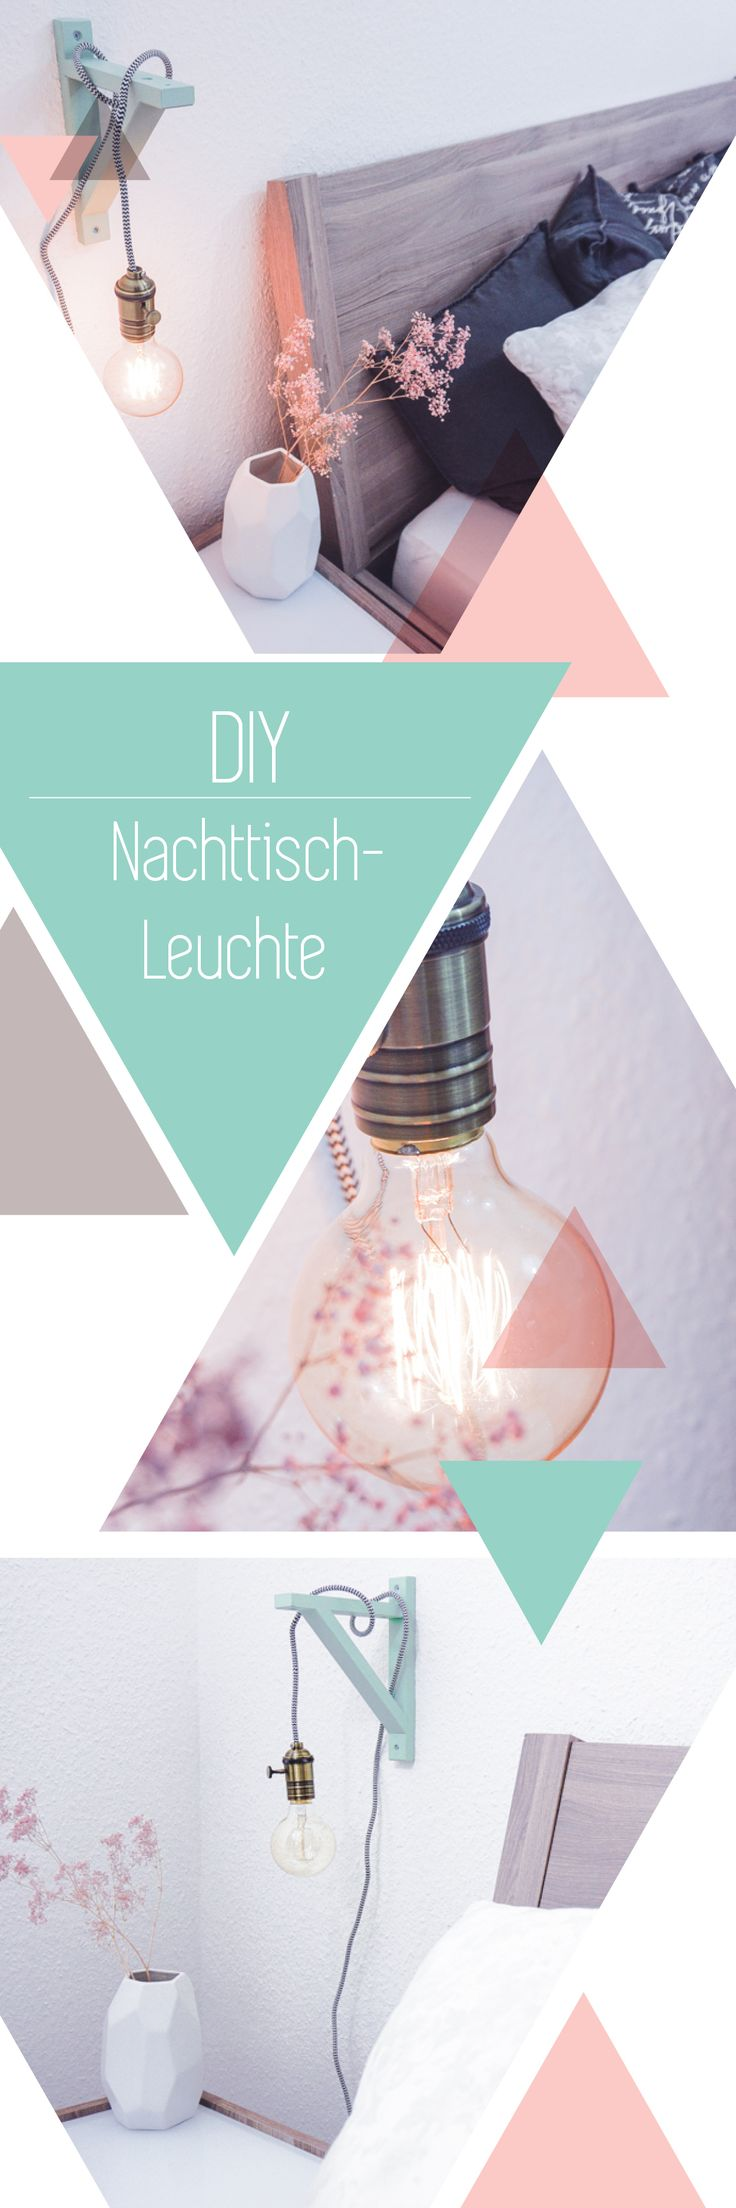 DIY Lampe Mit Holzrahmen, Textilkabel Und Glühbirne U2013 Schönes Licht Im  Vintage Stil